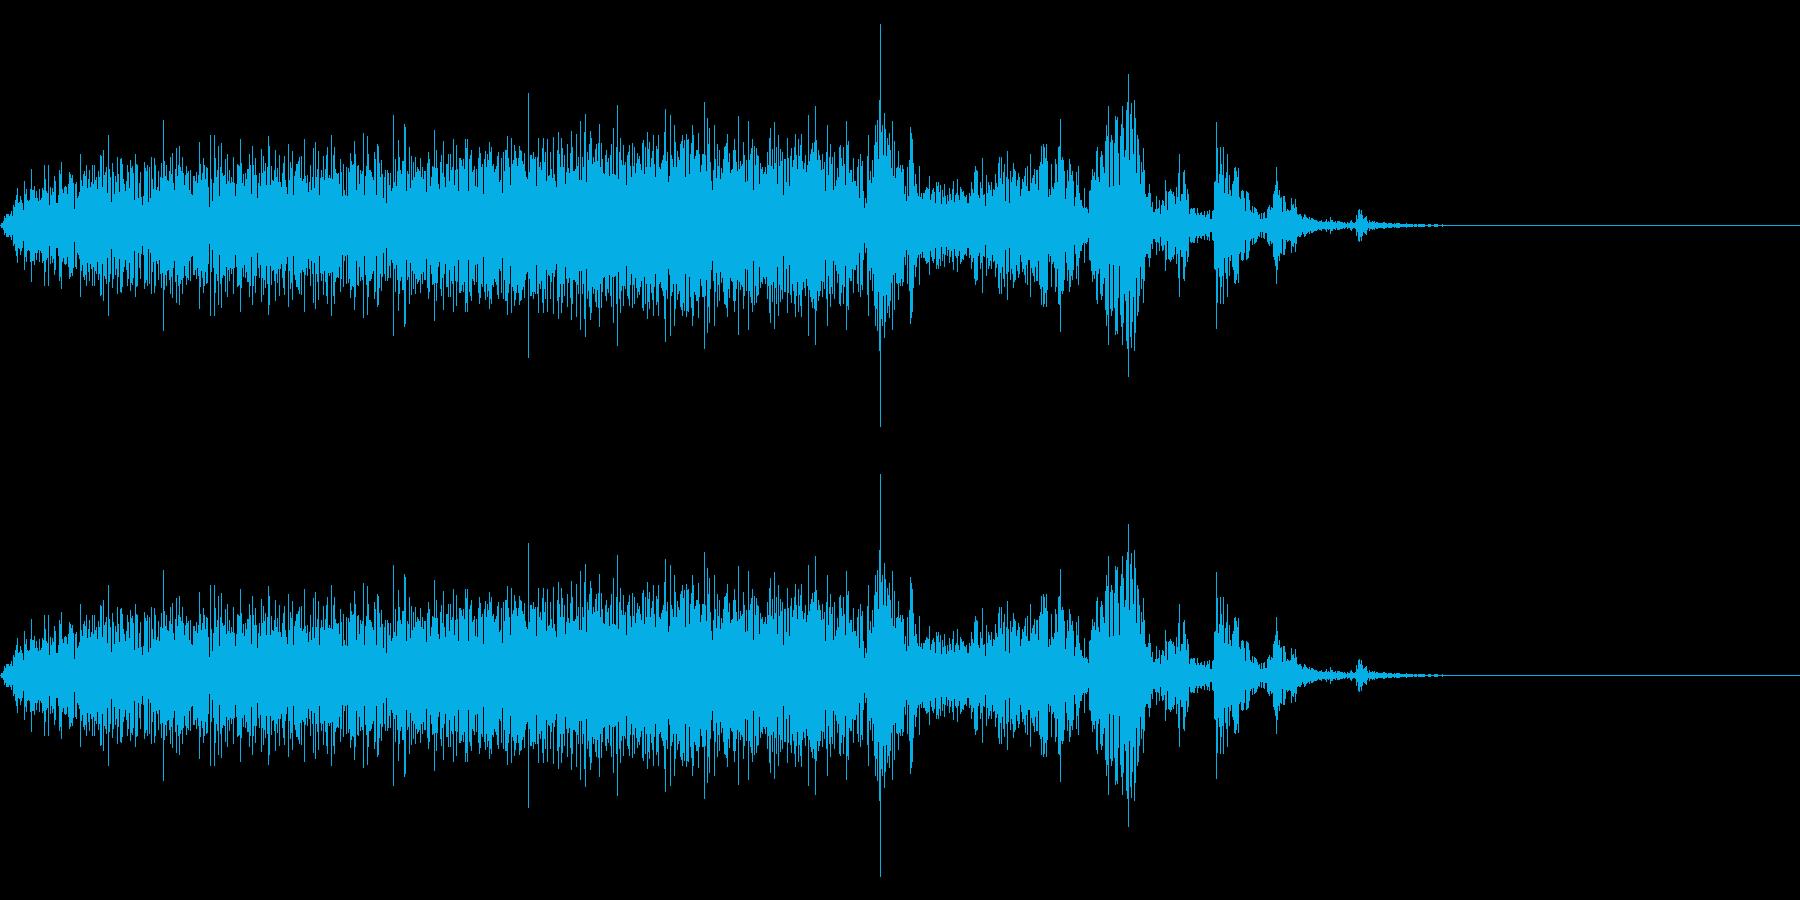 【生録音】本のページをめくる音 1の再生済みの波形